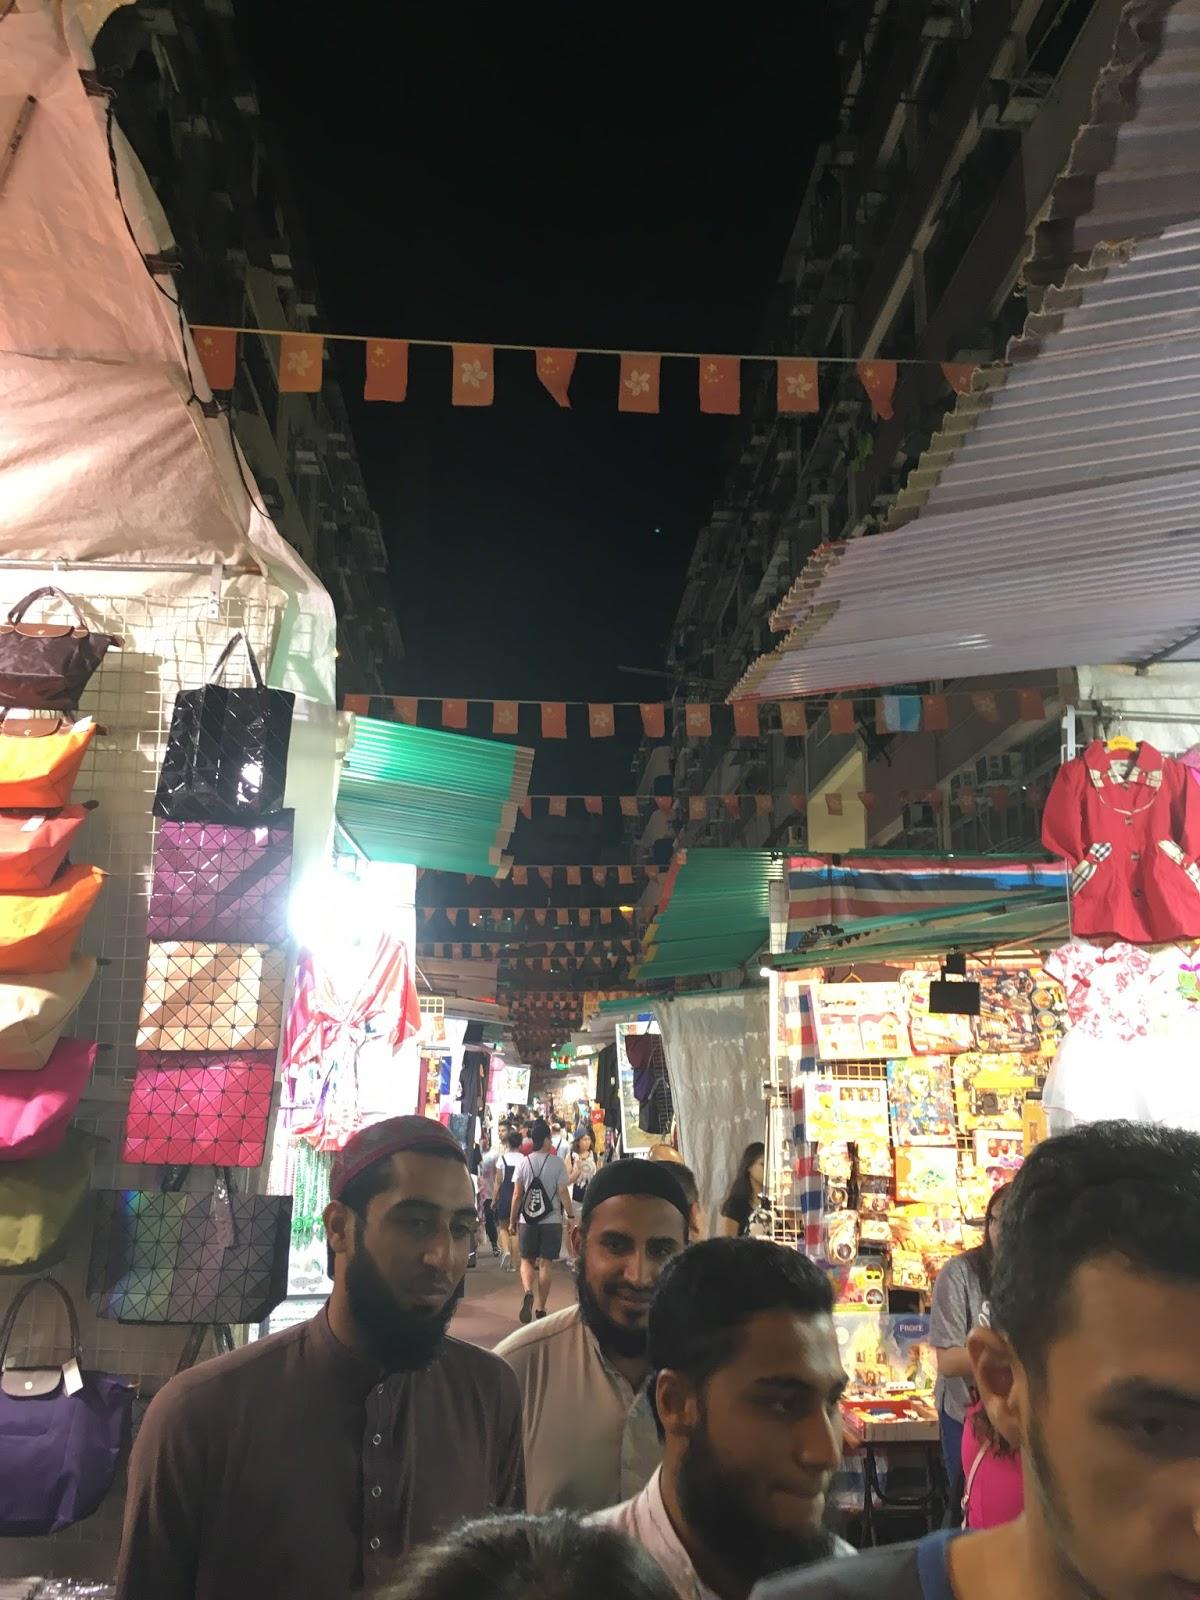 Temple utcai éjszakai piac